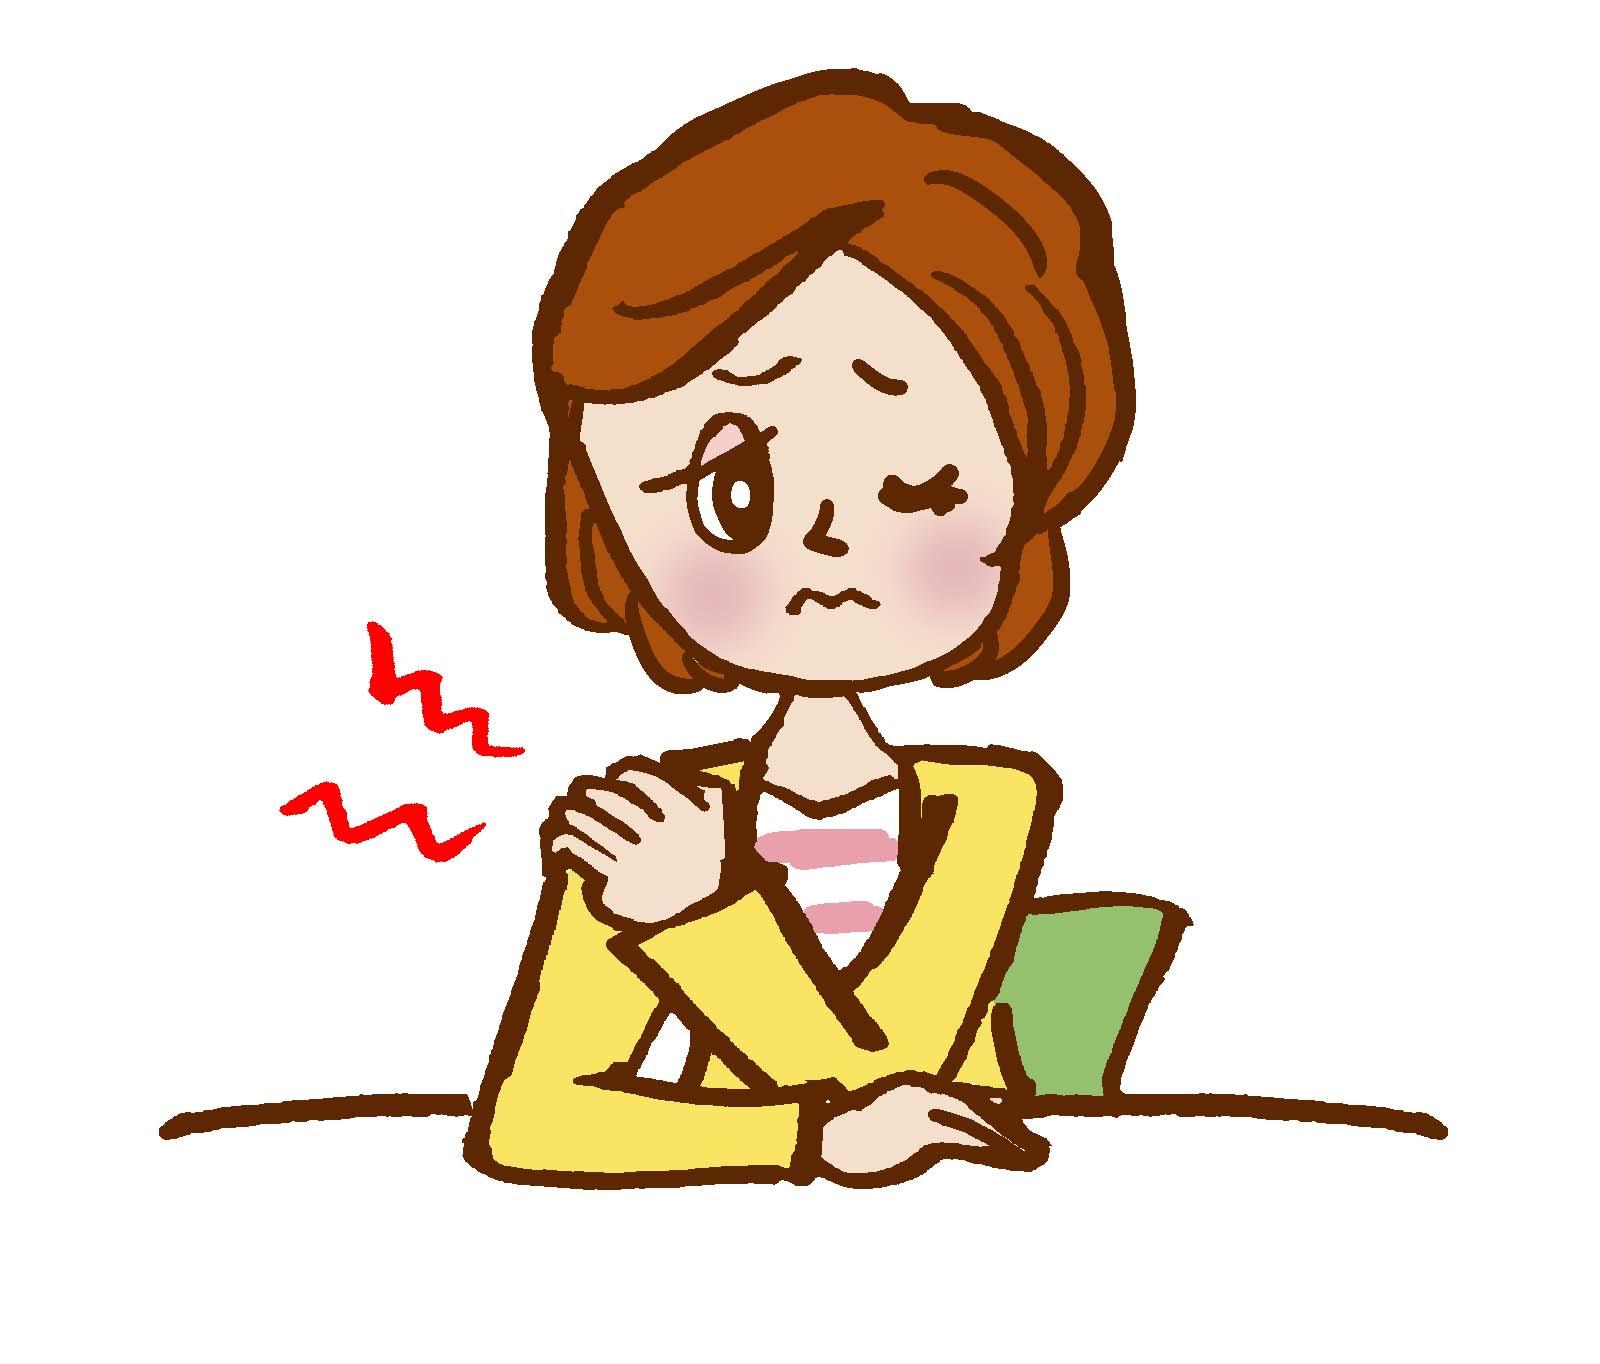 レディーガガと同じ線維筋痛症の私。死んだ方が楽と思うほどの痛み